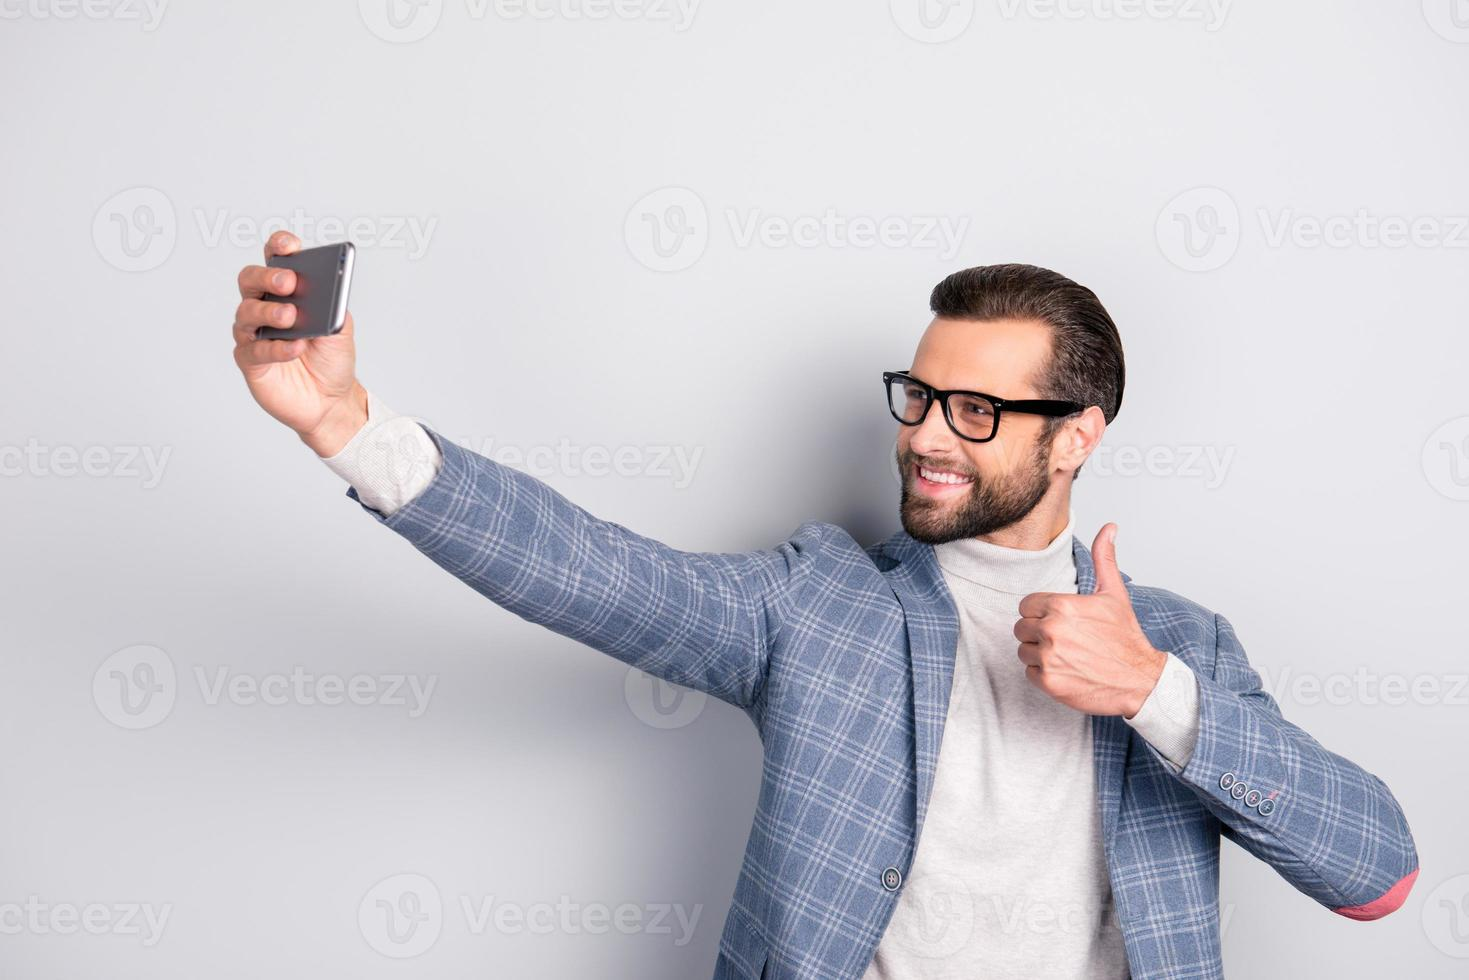 viril, dura, educação, homem atraente com barba no casaco tiro auto foto na câmera frontal do telefone inteligente sobre fundo cinza, aparecendo o polegar, tendo videochamada